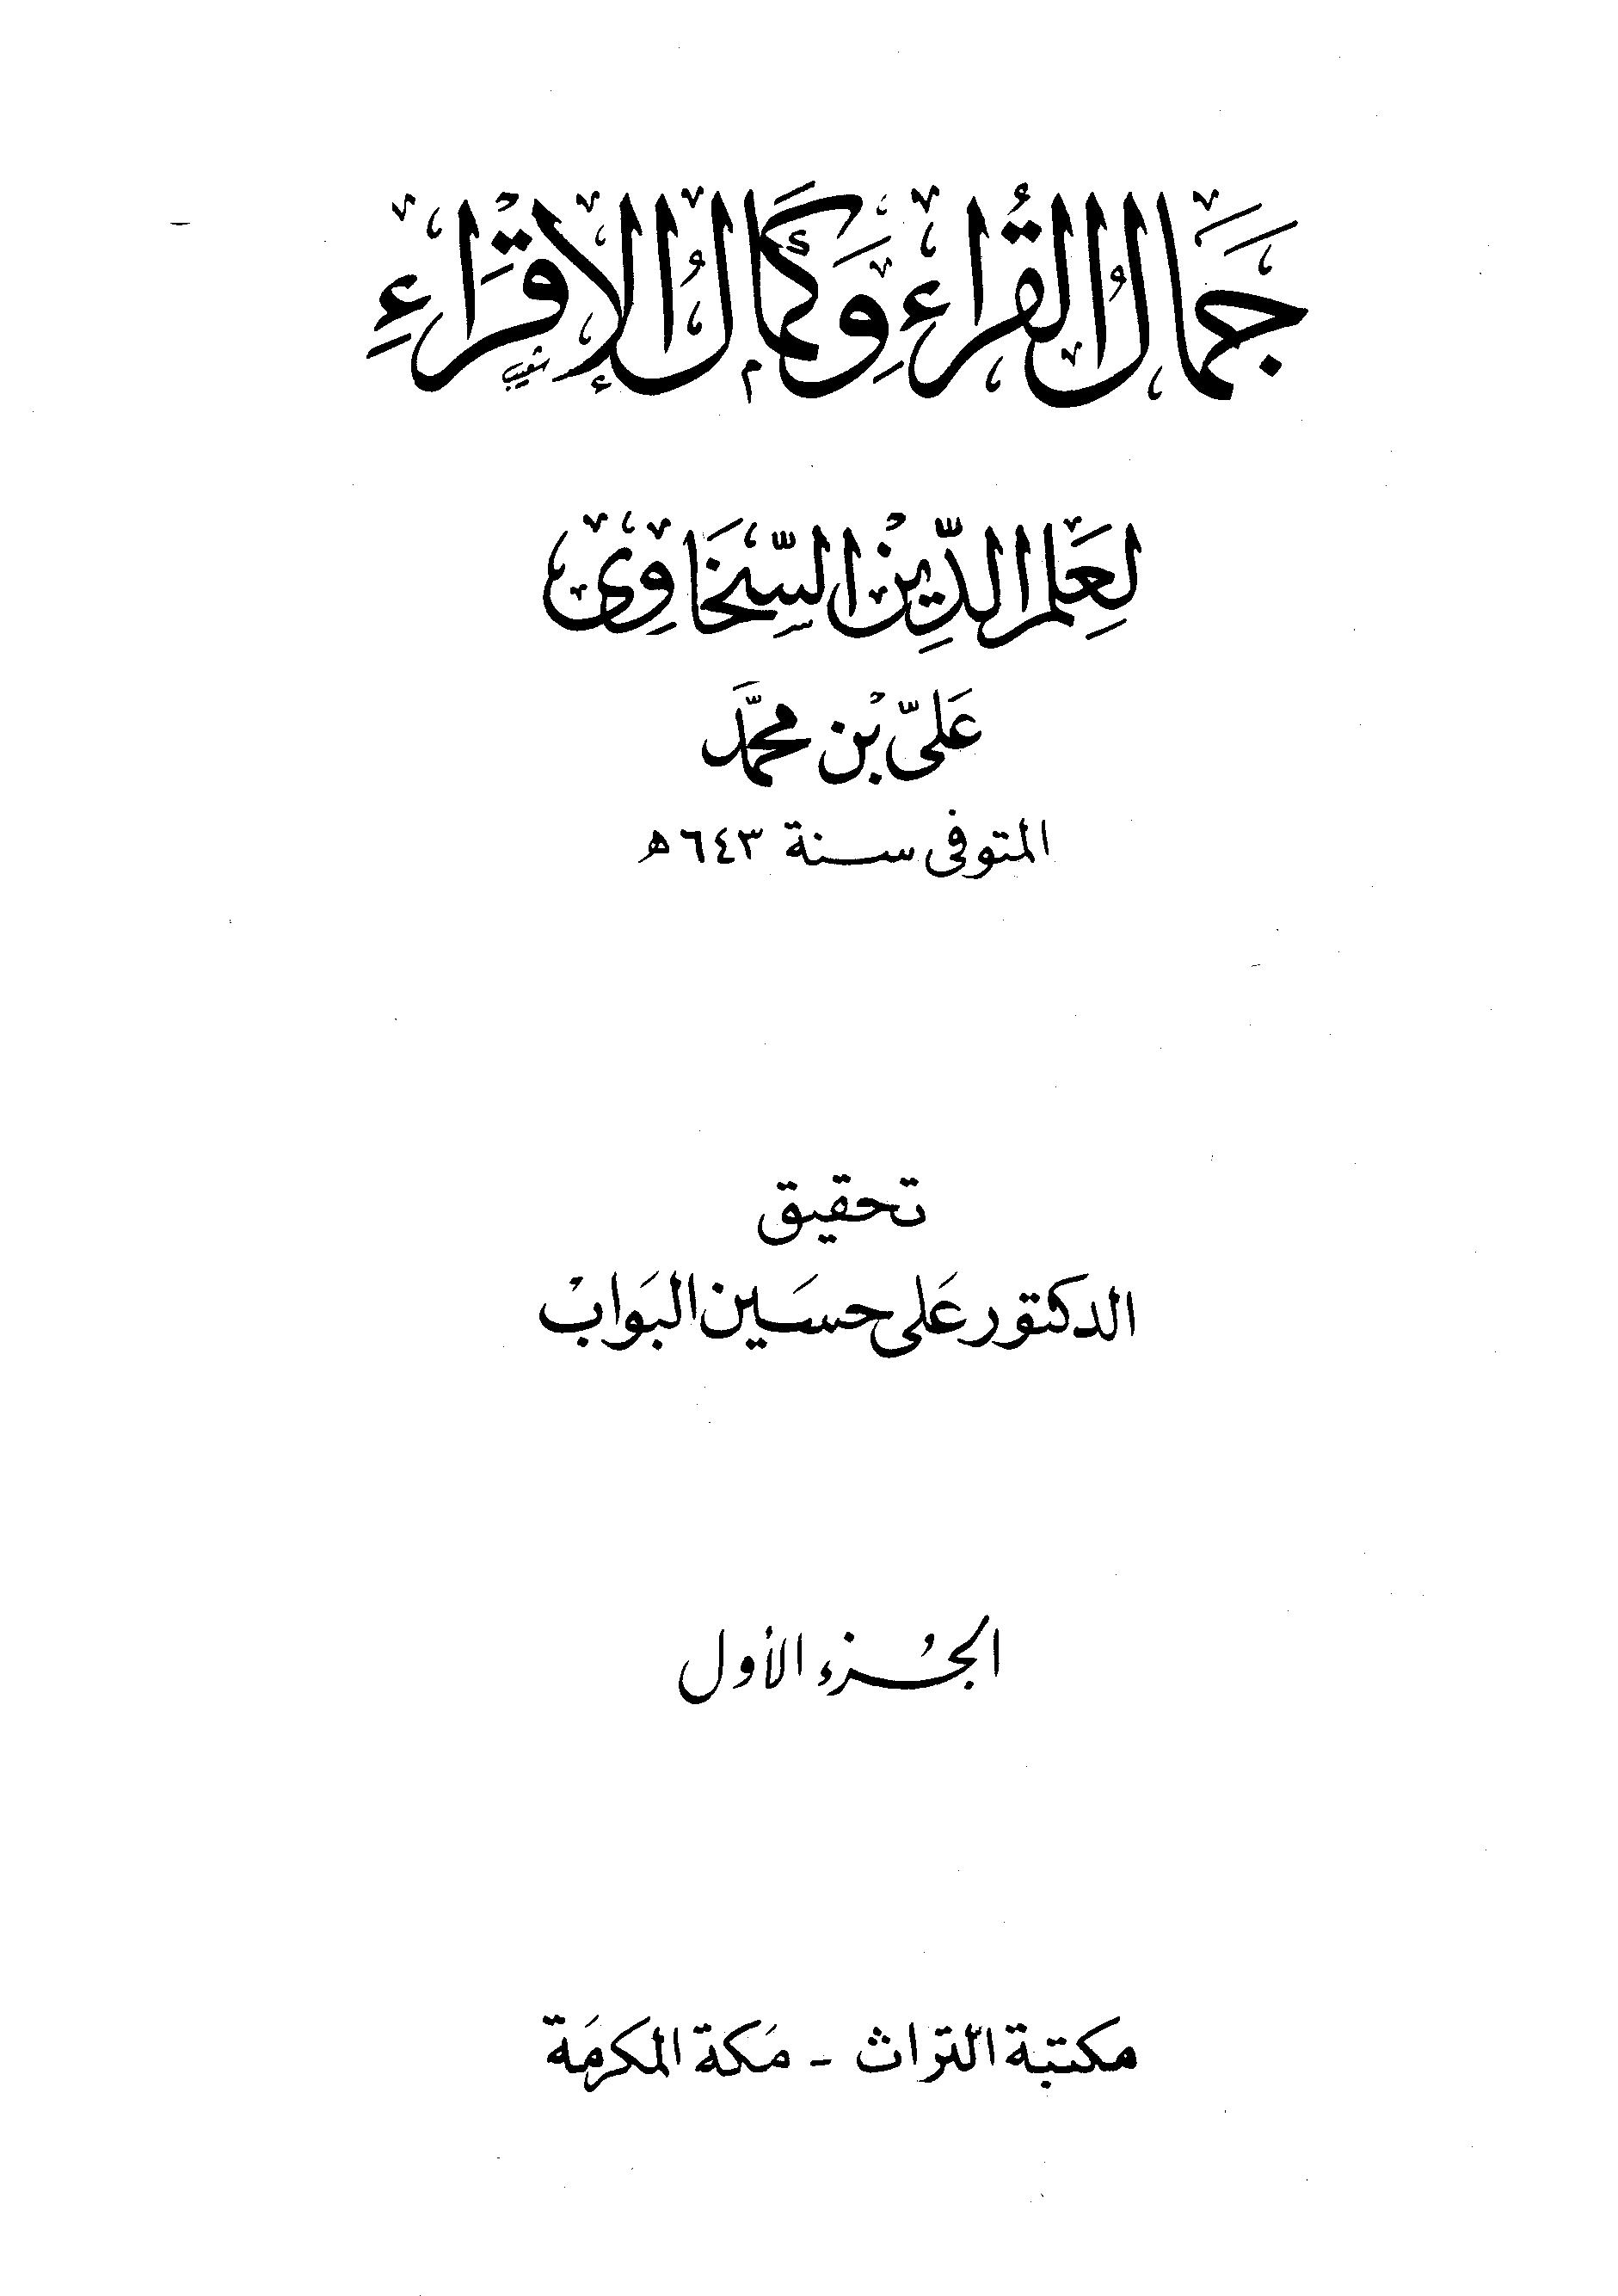 تحميل كتاب جمال القراء وكمال الإقراء (ت. علي البواب) لـِ: الإمام أبو الحسن علم الدين علي بن محمد بن عبد الصمد السخاوي (ت 643)